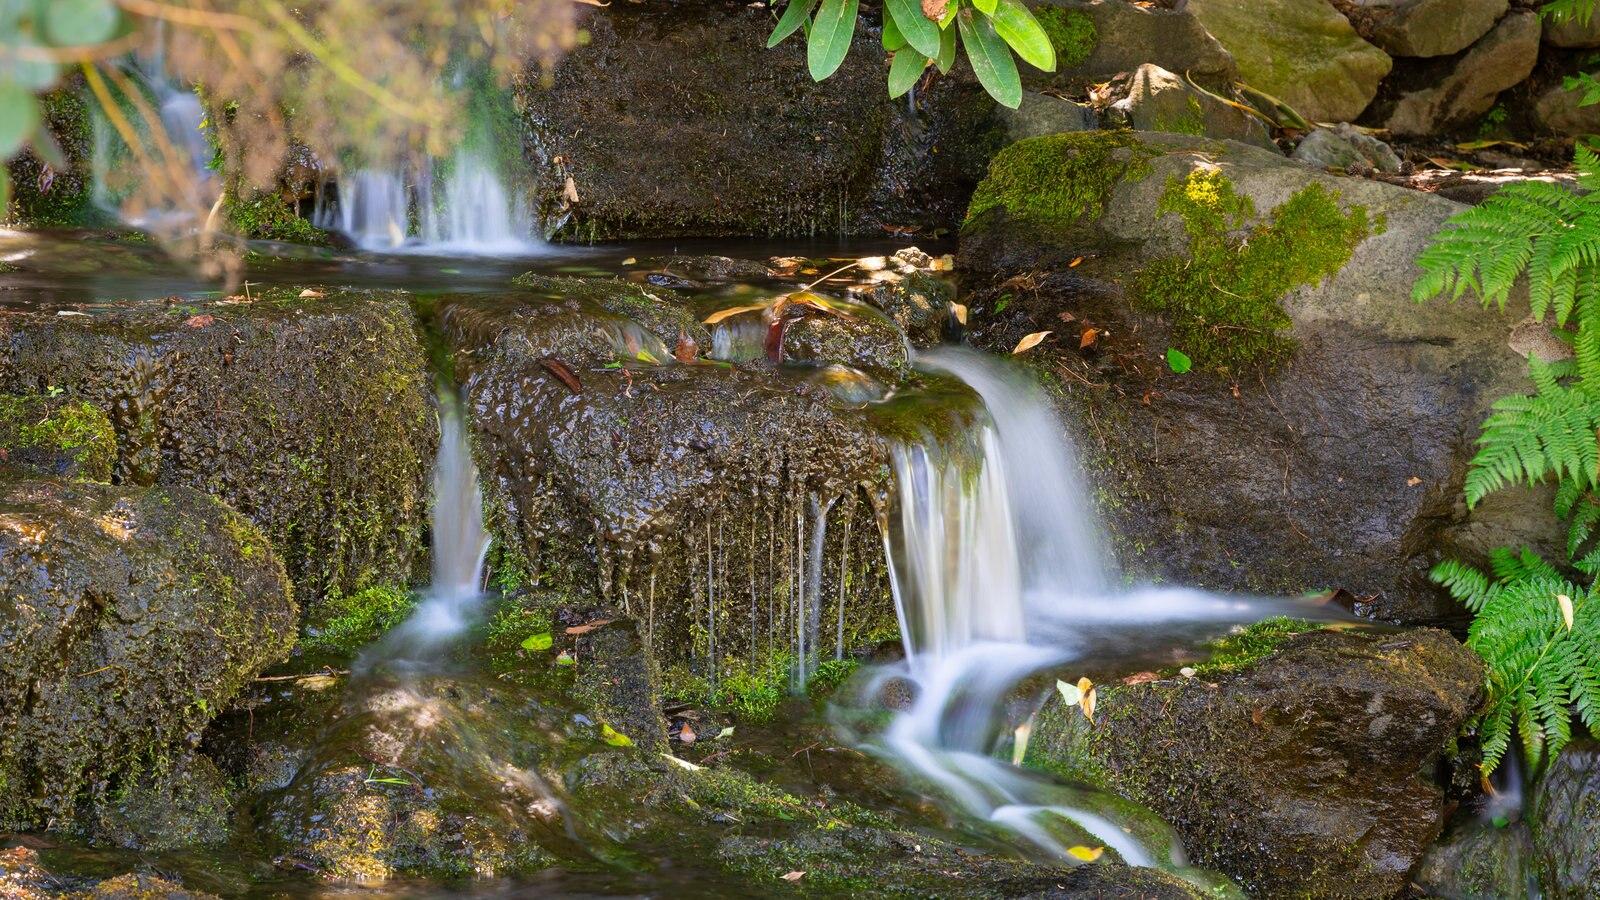 Crystal Springs Rhododendron Garden mostrando um rio ou córrego